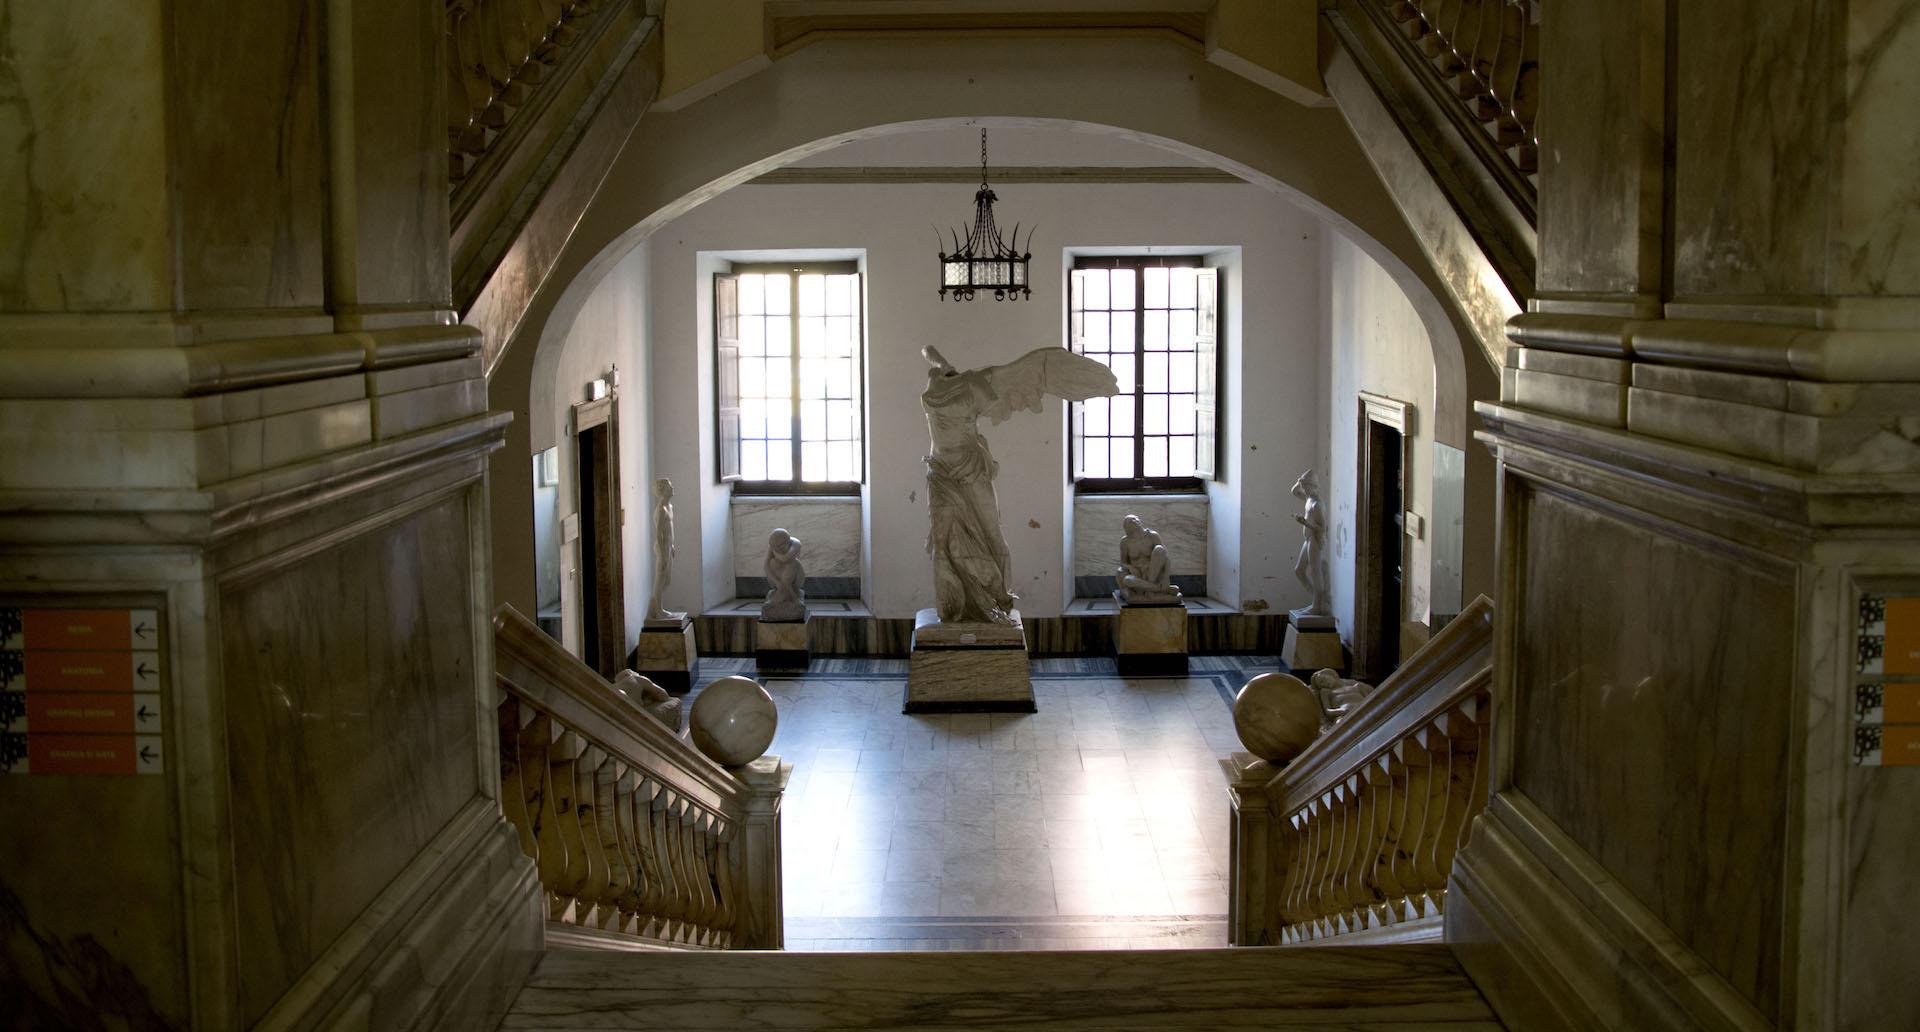 L'Accademia di Carrara festeggia 250 anni e organizza un ricco programma di eventi con importanti studiosi